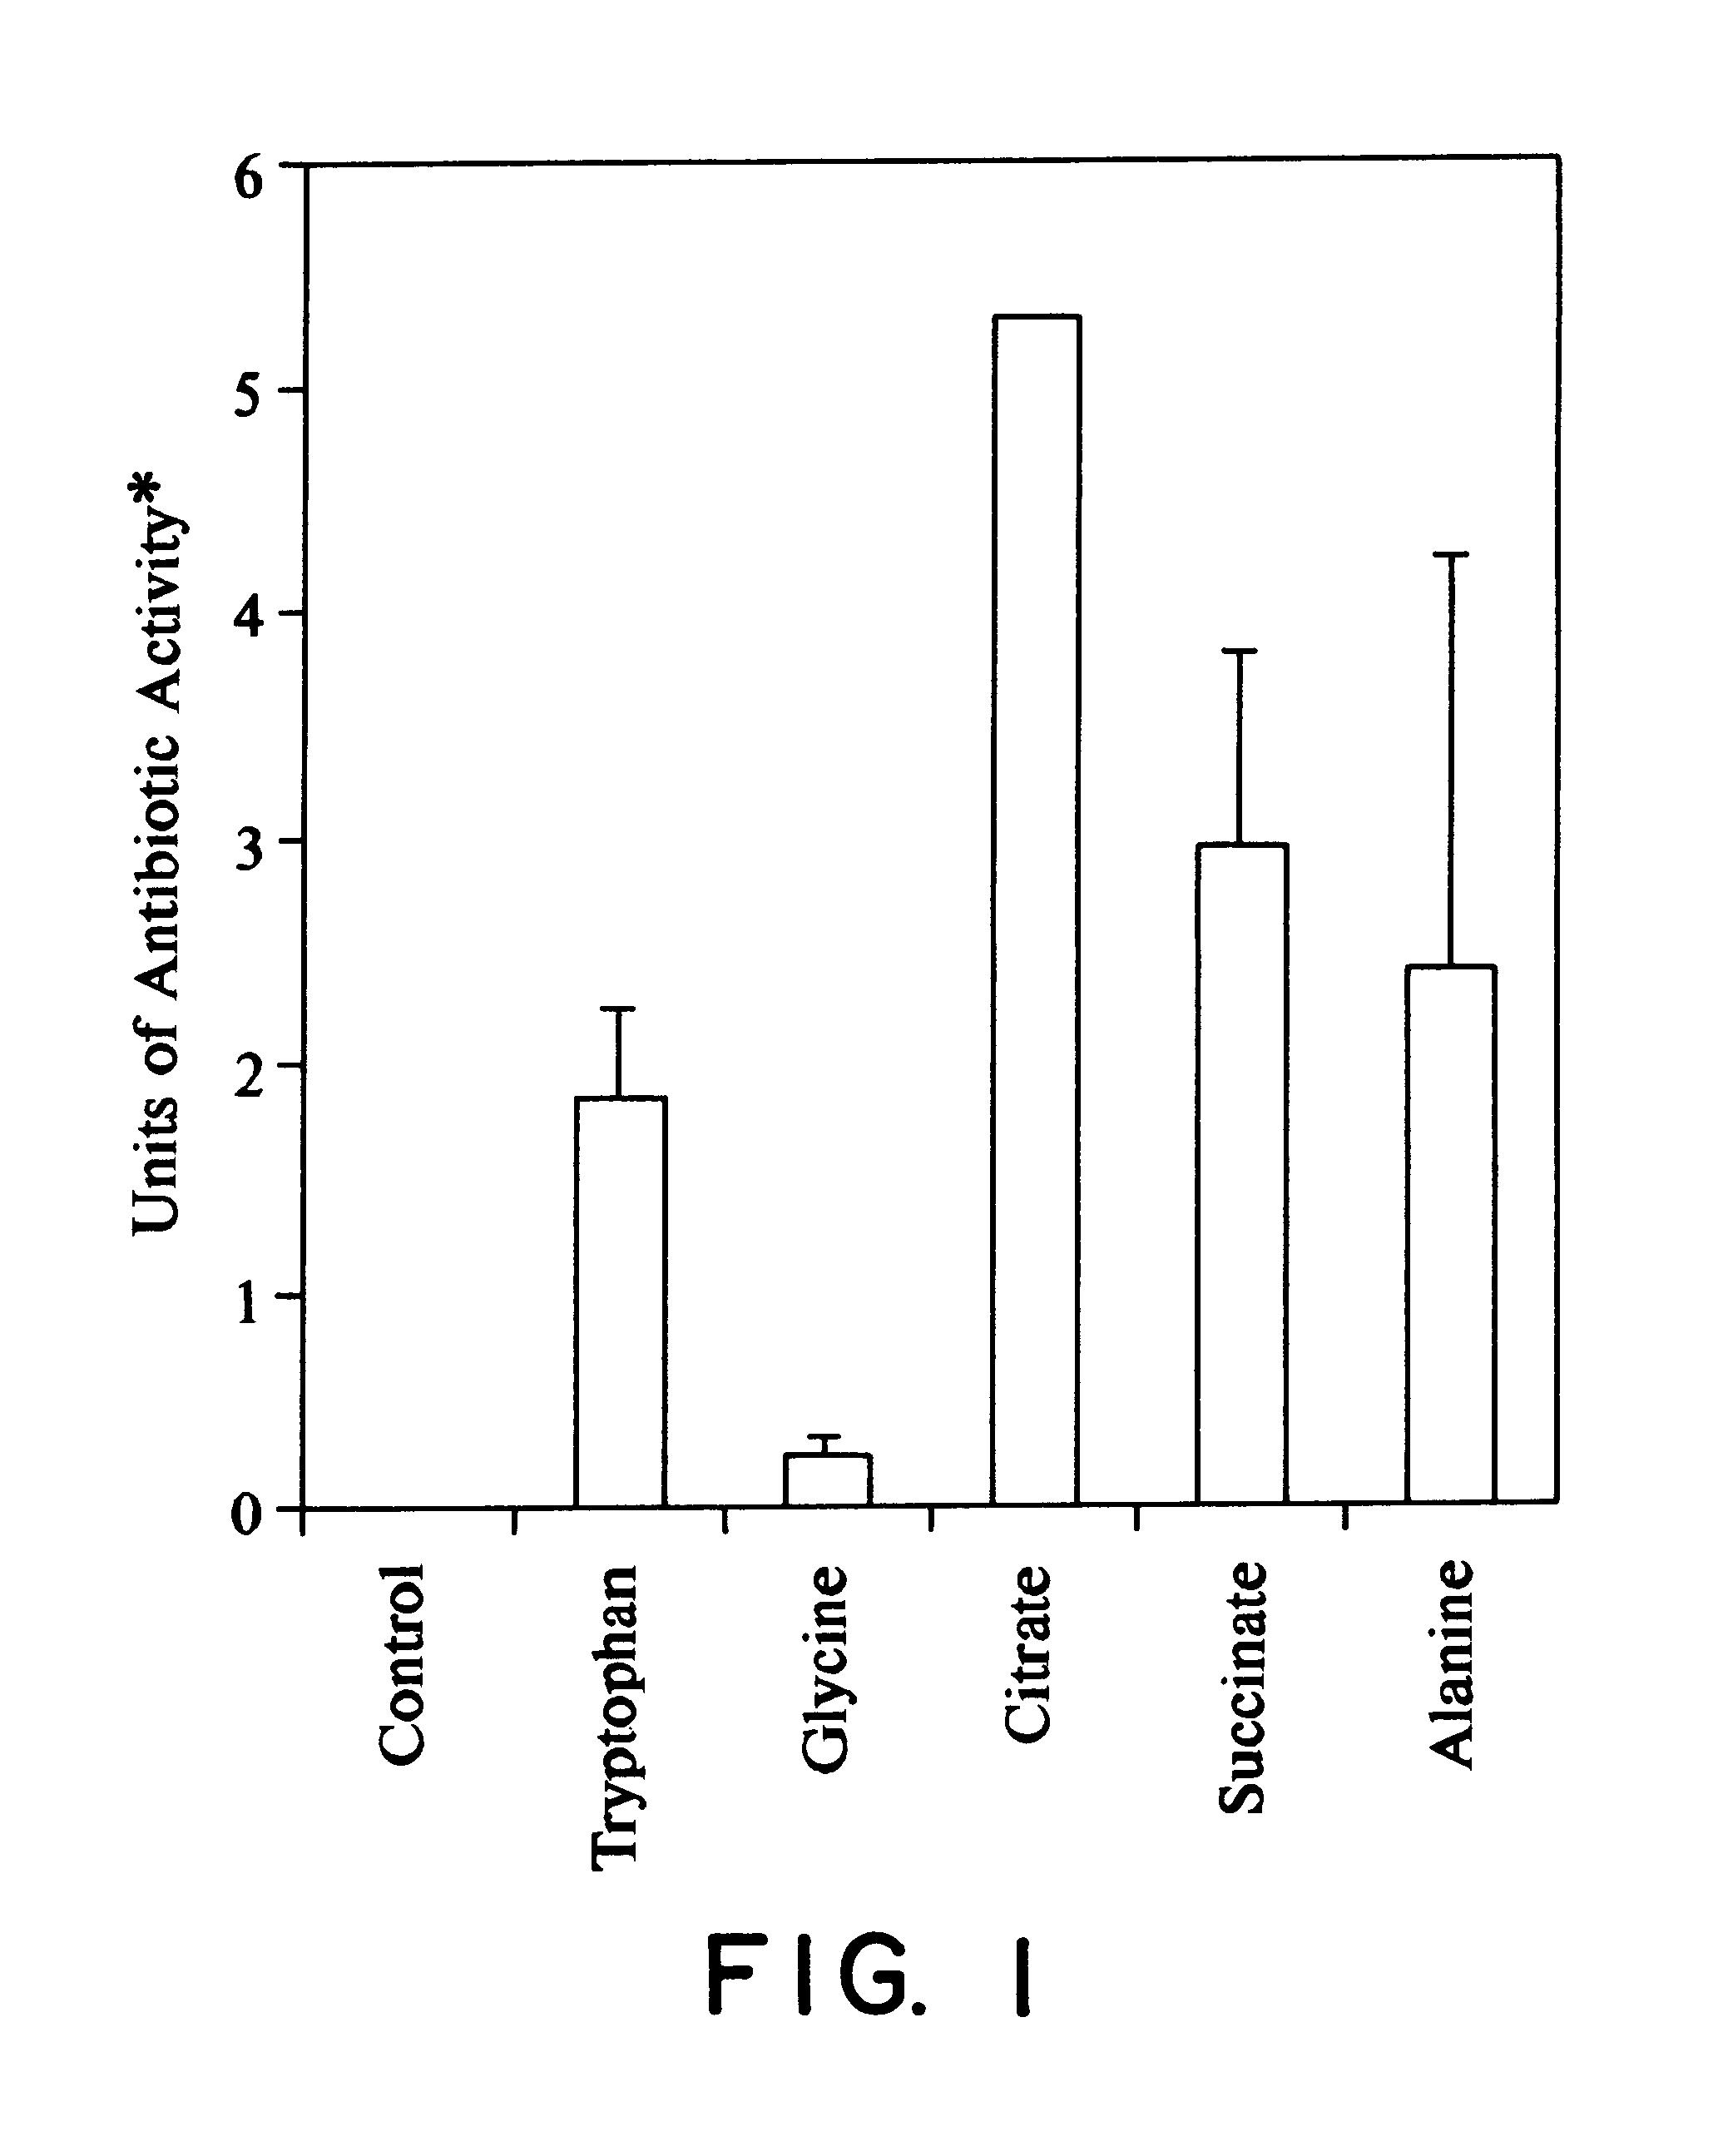 serratia marcescens bacillus cereus report essay Ten of the unknown bacteria were classified as gram-positive bacilli: bacillus cereus, bacillus circulans, bacillus coagulans, bacillus megaterium, bacillus subtilis, bacillus thuringiensis, brevibacillus brevis, geobacillus stereothermophilus, lysinibacillus sphaericus, clostridium perfringens.